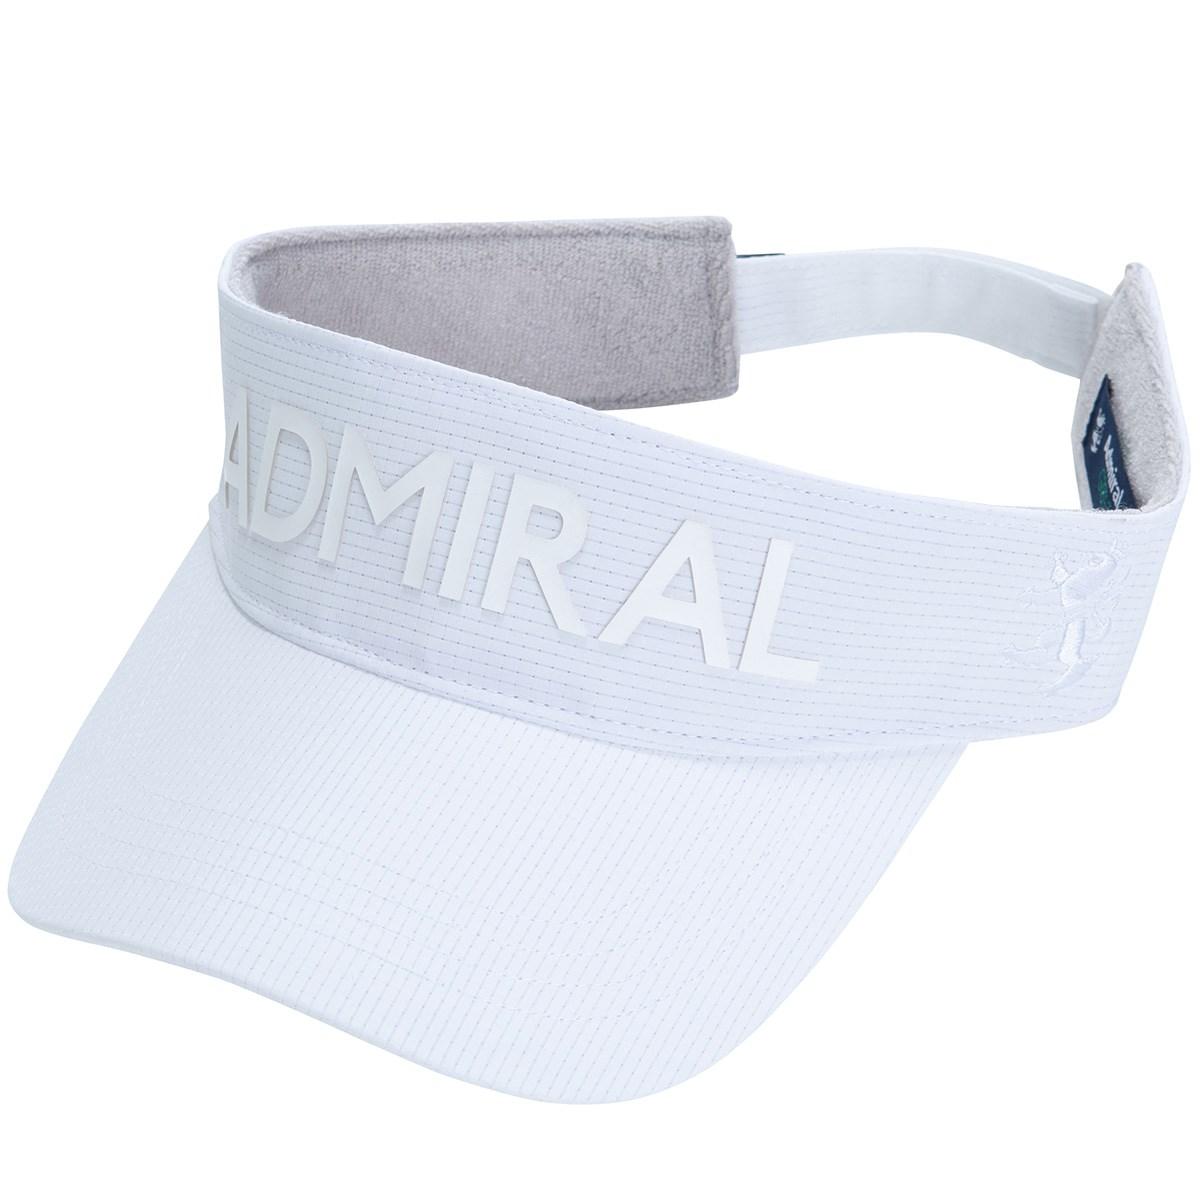 アドミラル Admiral ドットエアサンバイザー フリー ホワイト 00